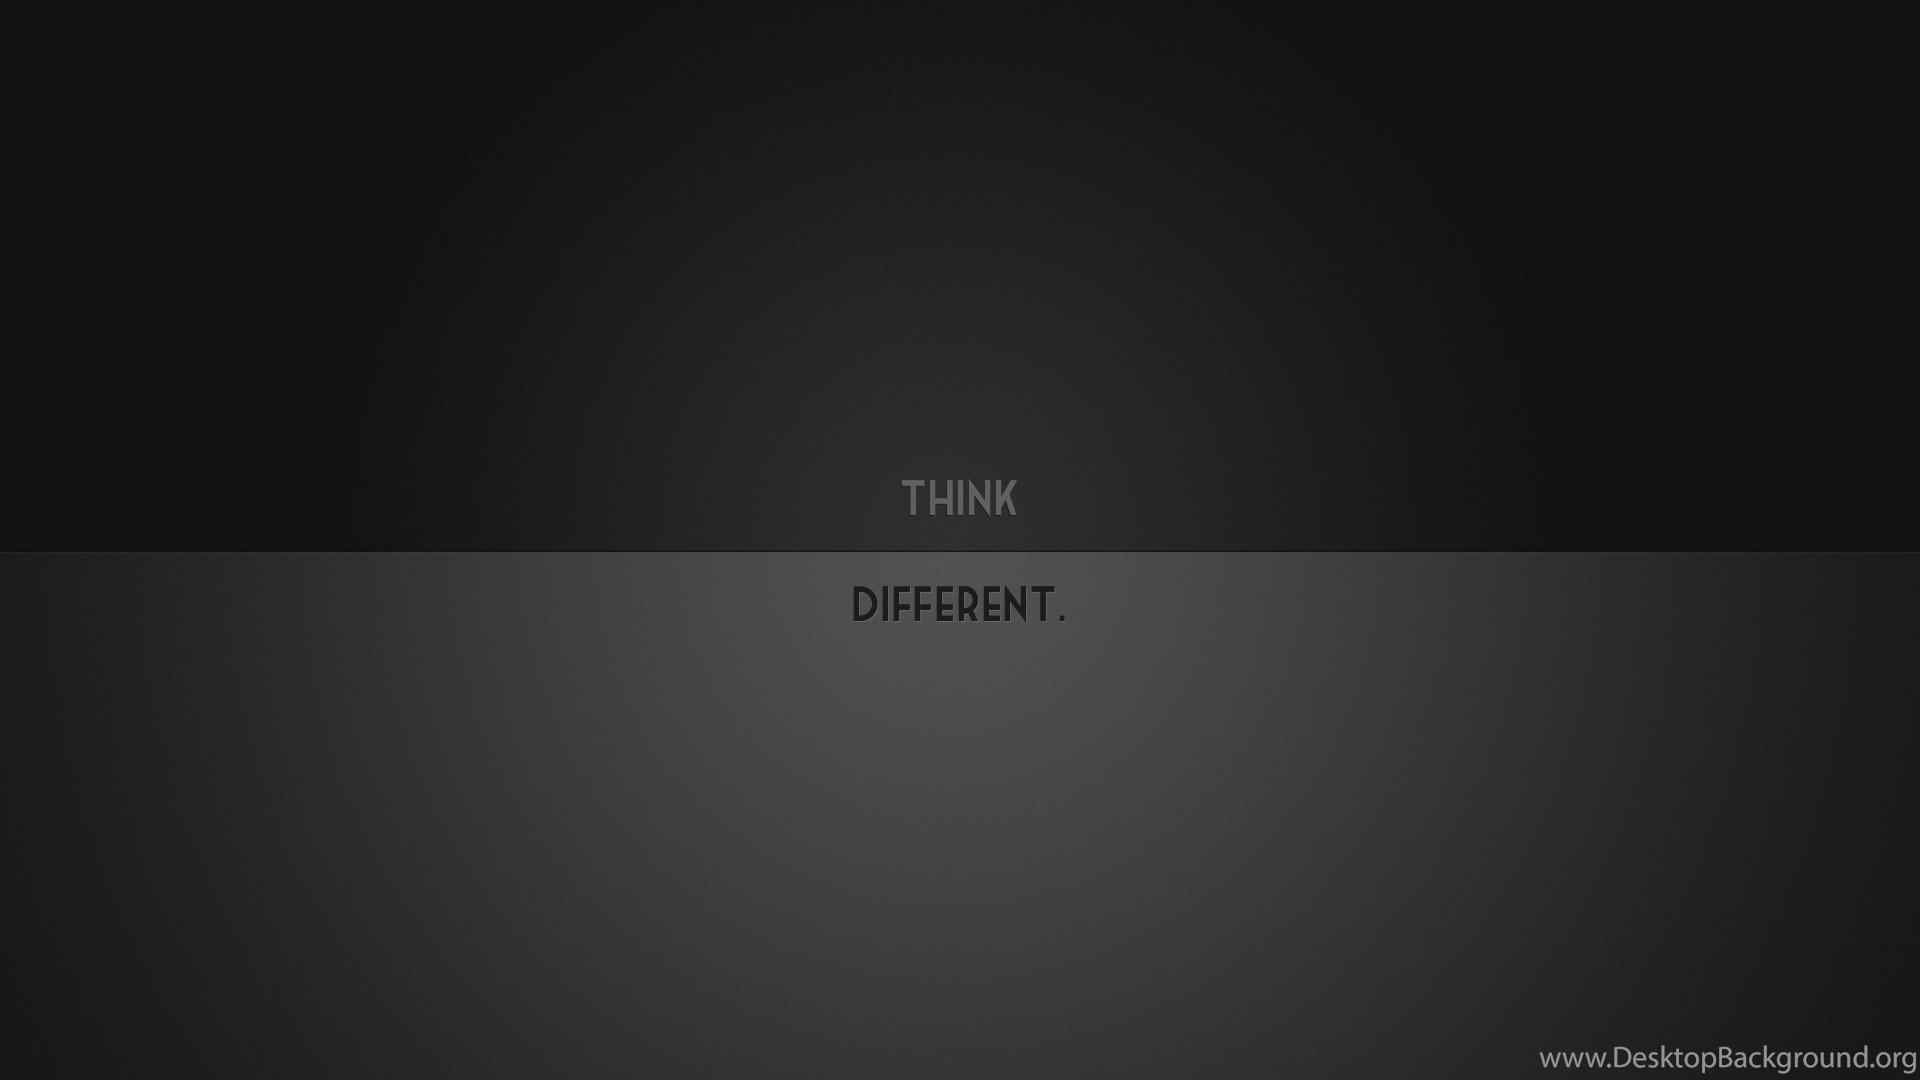 Black Gra nt Different Minimalistic Think HD